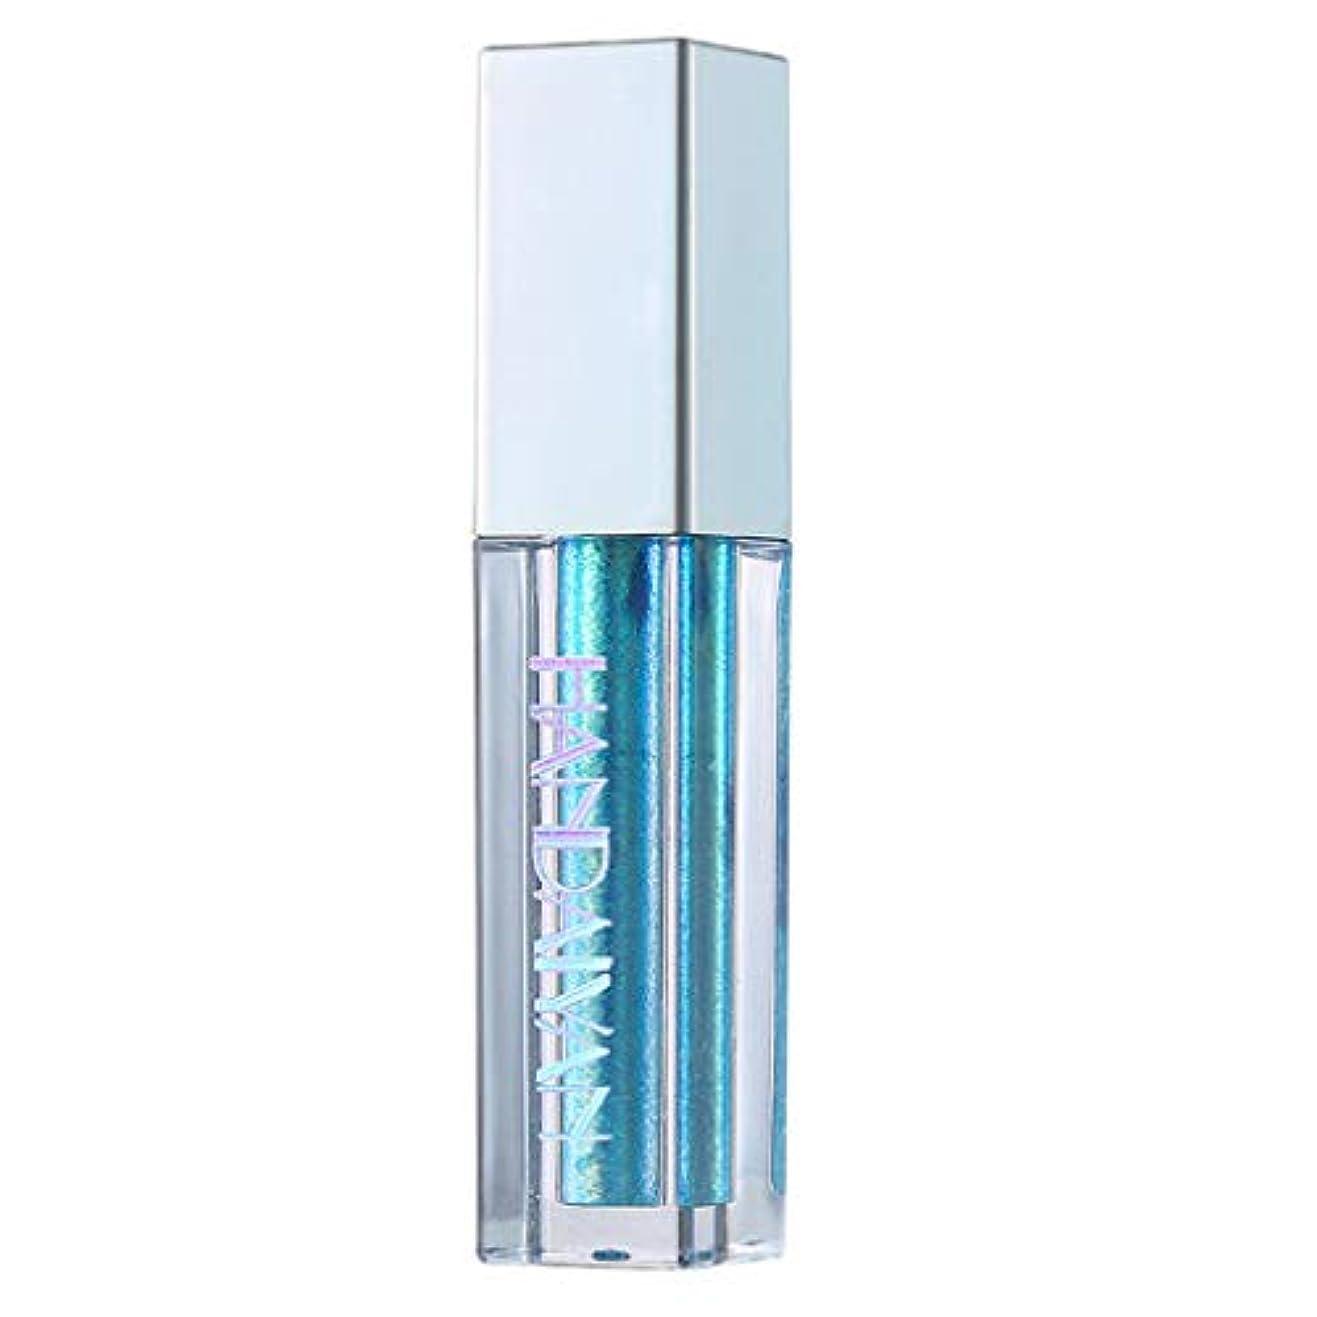 ボーナス多分特にREWAGO メタリックリキッドアイシャドウ、液体防水グリッターアイシャドウシマーメタリックアイシャドーグローグリッターアイライナージェルアイシャドウパウダー (I)